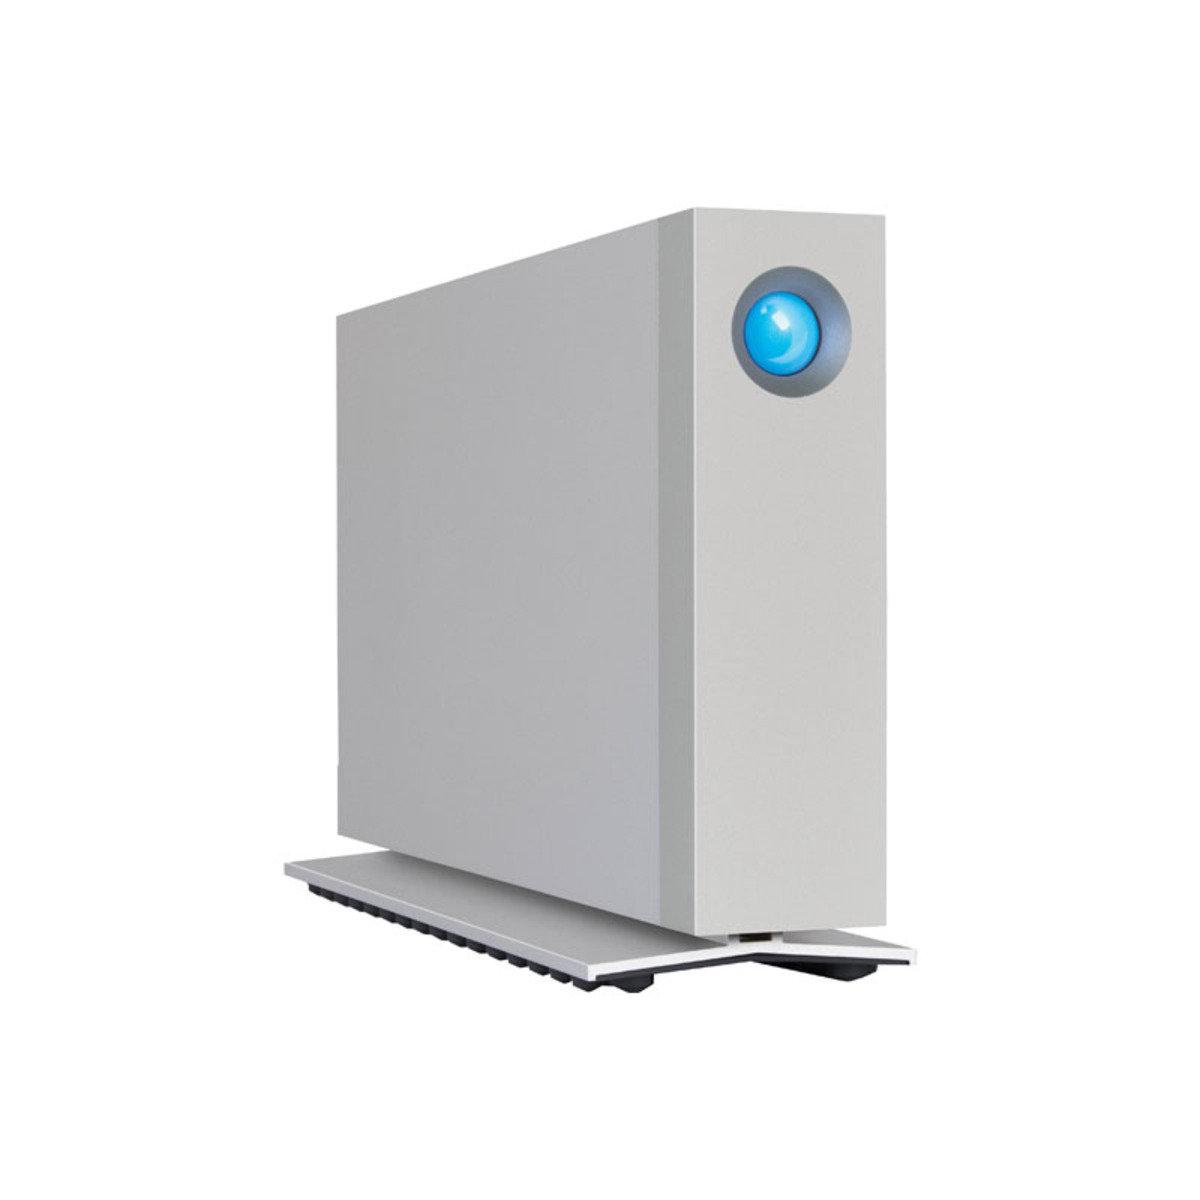 d2 Thunderbolt 2 4TB 3.5吋 外置硬碟 9000493